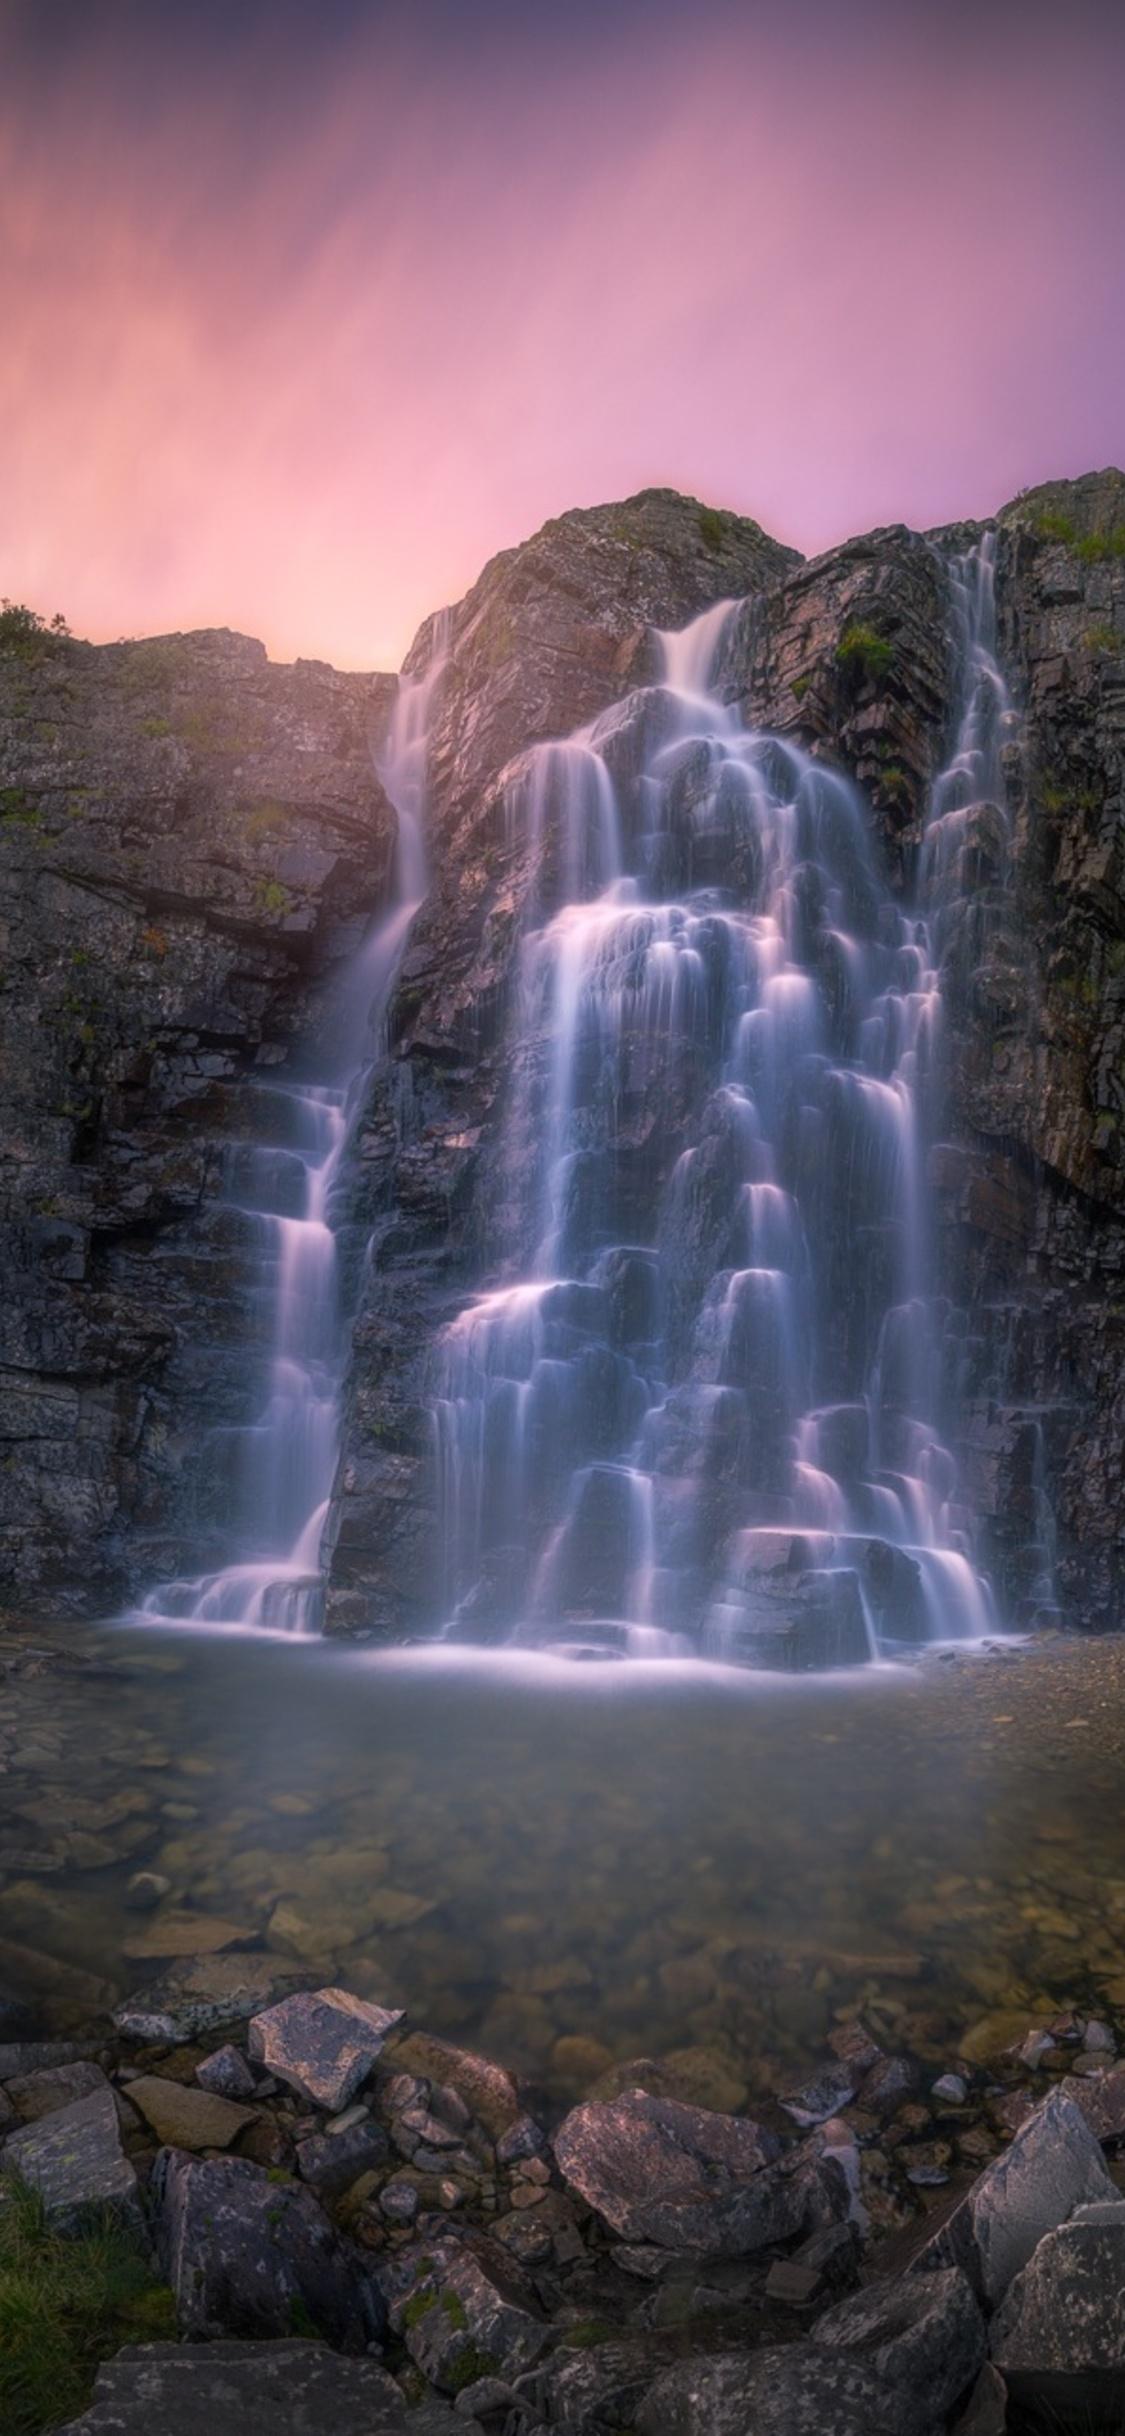 1125x2436 Beautiful Waterfall Iphone Xs Iphone 10 Iphone X Hd 4k